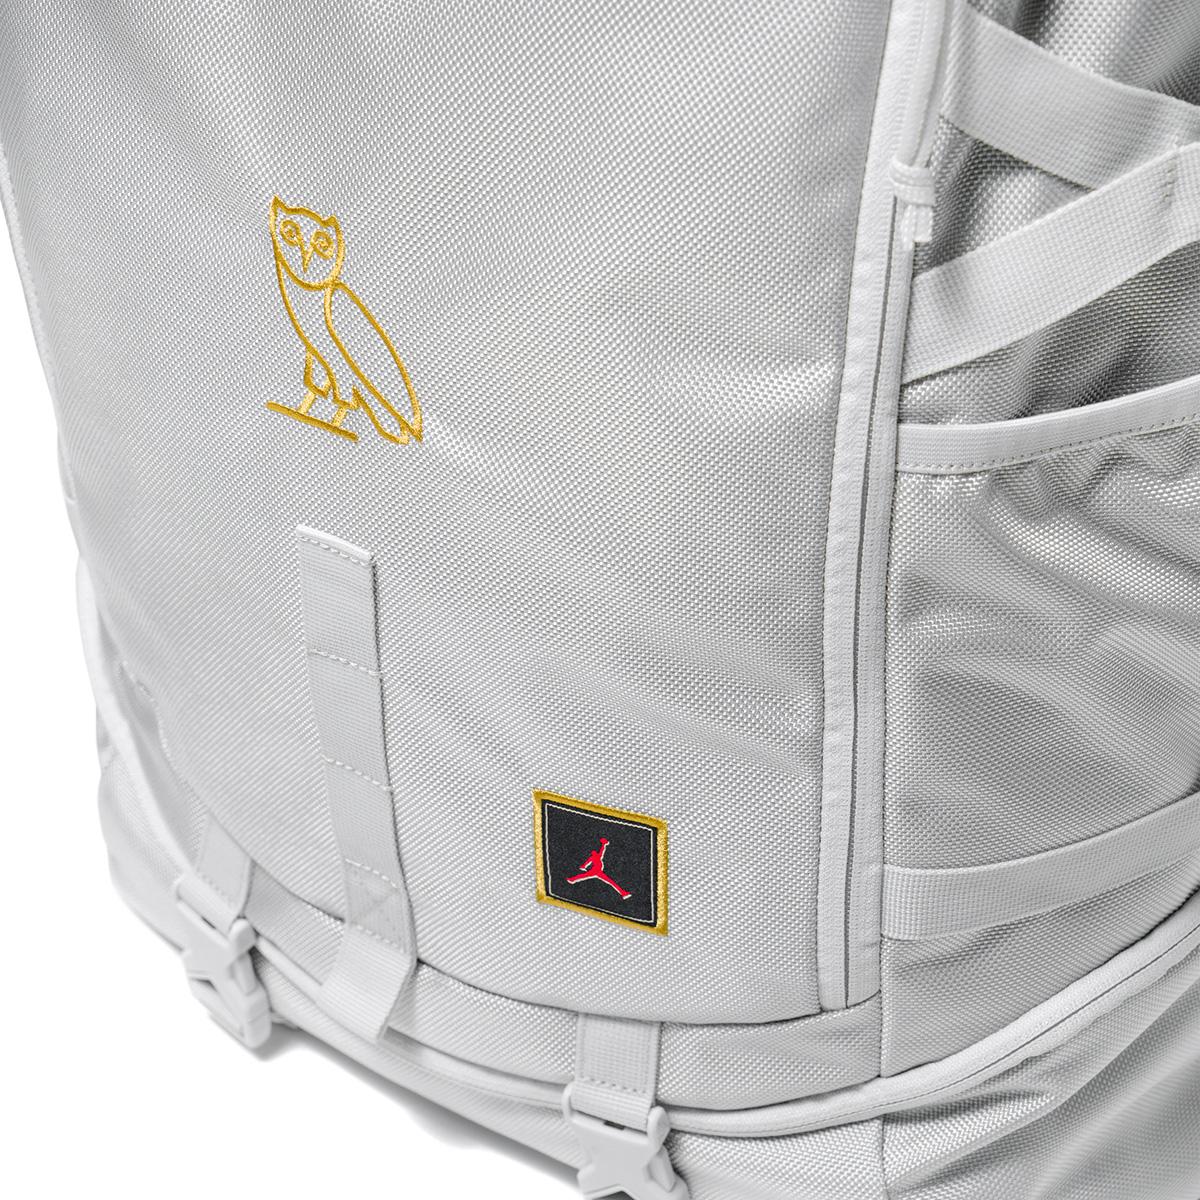 b6dcfe03237 Nike Air Jordan X Ovo Duffle Bag